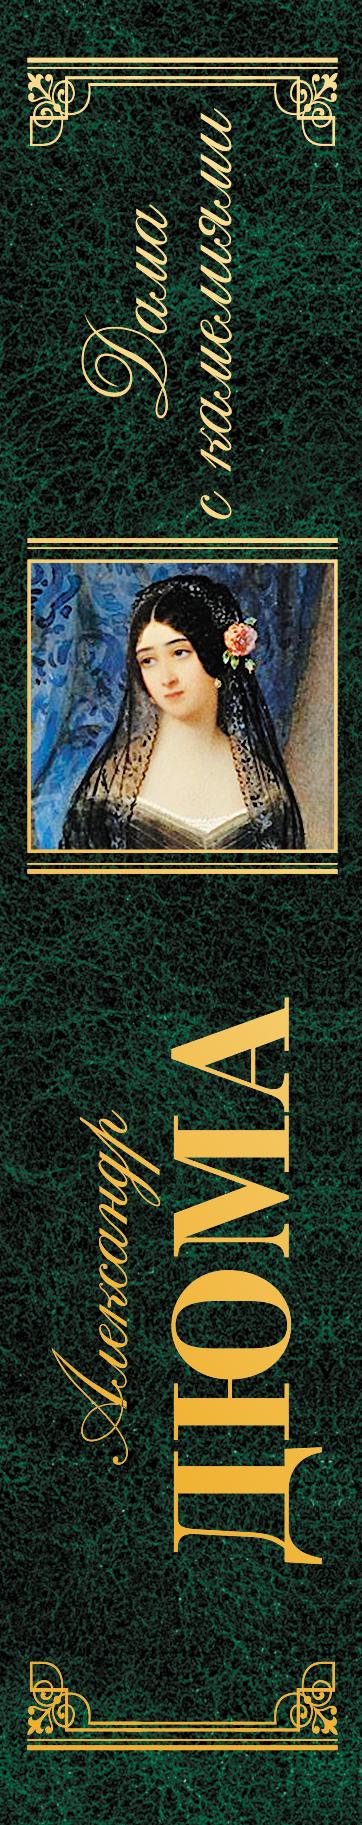 Дама с камелиями скачать книгу бесплатно fb2